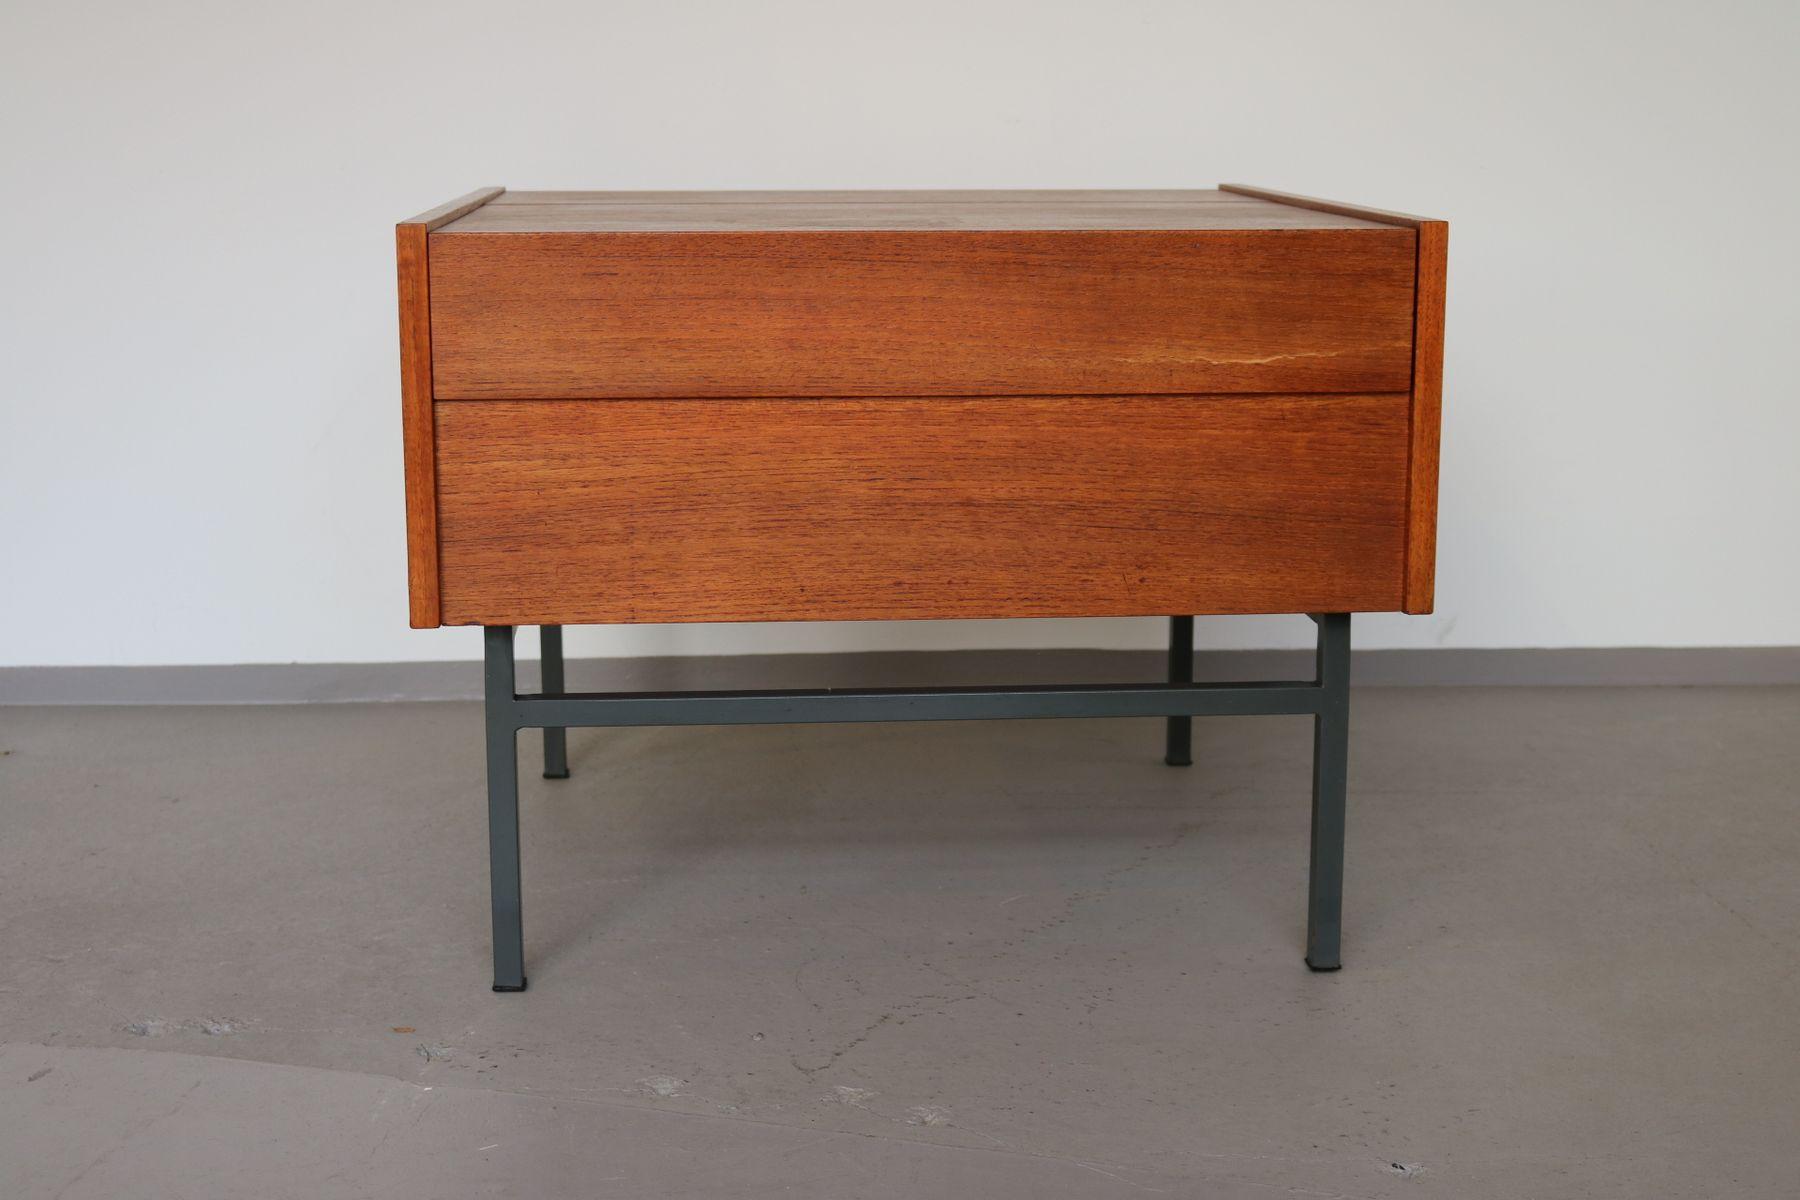 Klappbarer Vintage Teakholz Couchtisch, 1960er